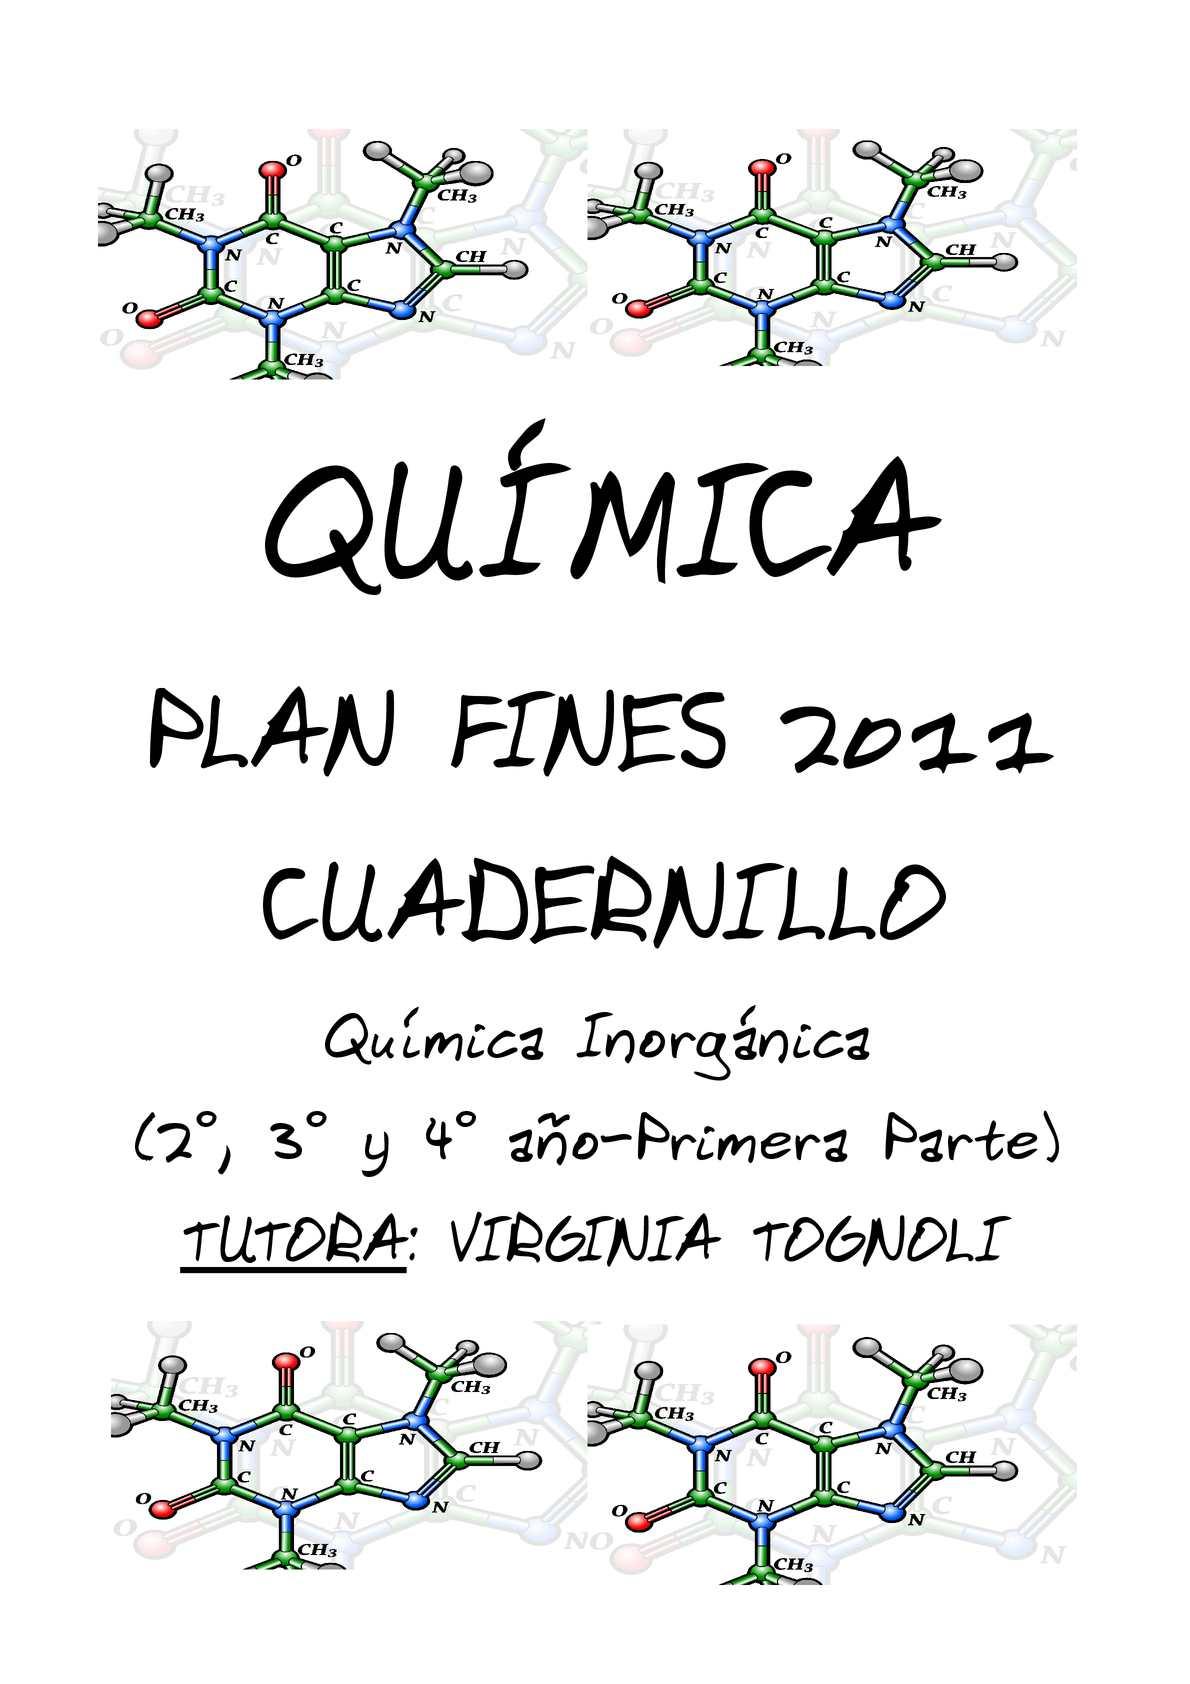 Calameo Cuadernillo Quimica Inorganica Primera Parte